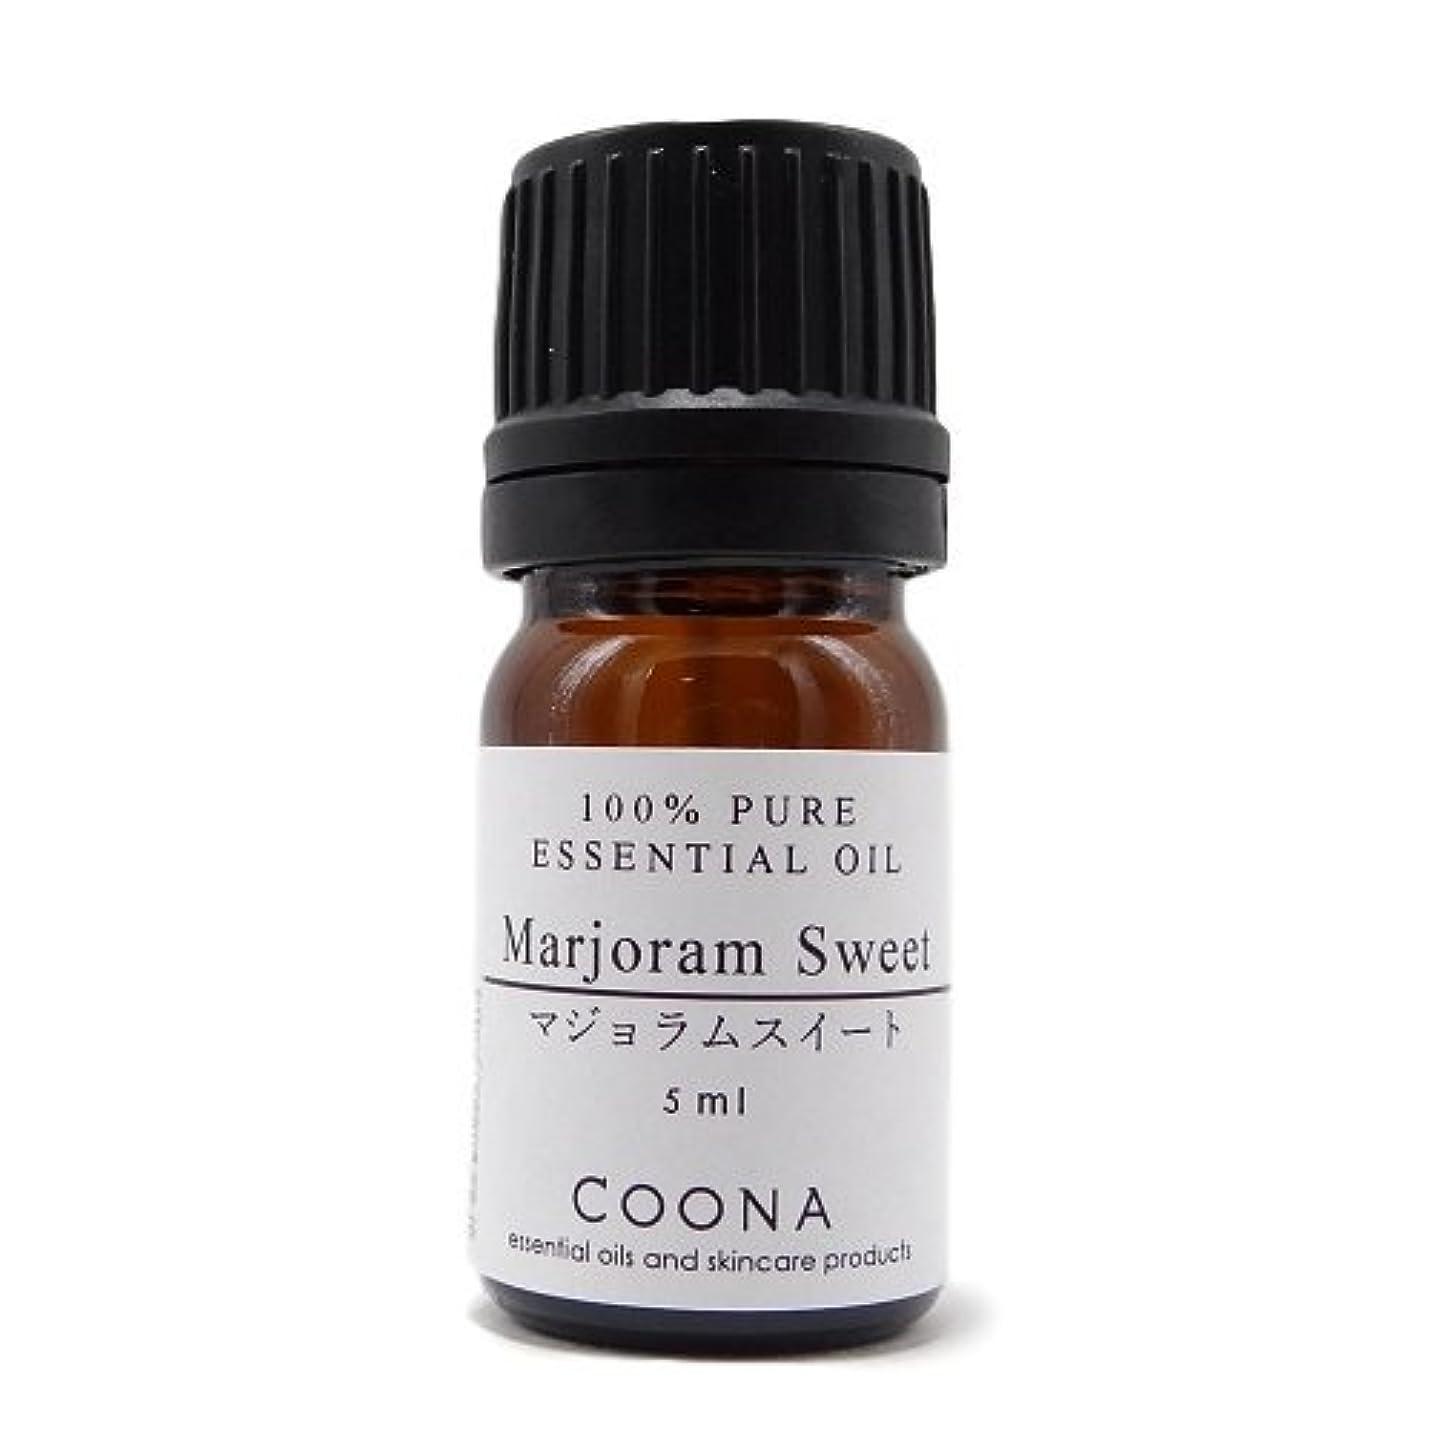 拒絶ちっちゃいカスタムマジョラム スイート 5 ml (COONA エッセンシャルオイル アロマオイル 100%天然植物精油)